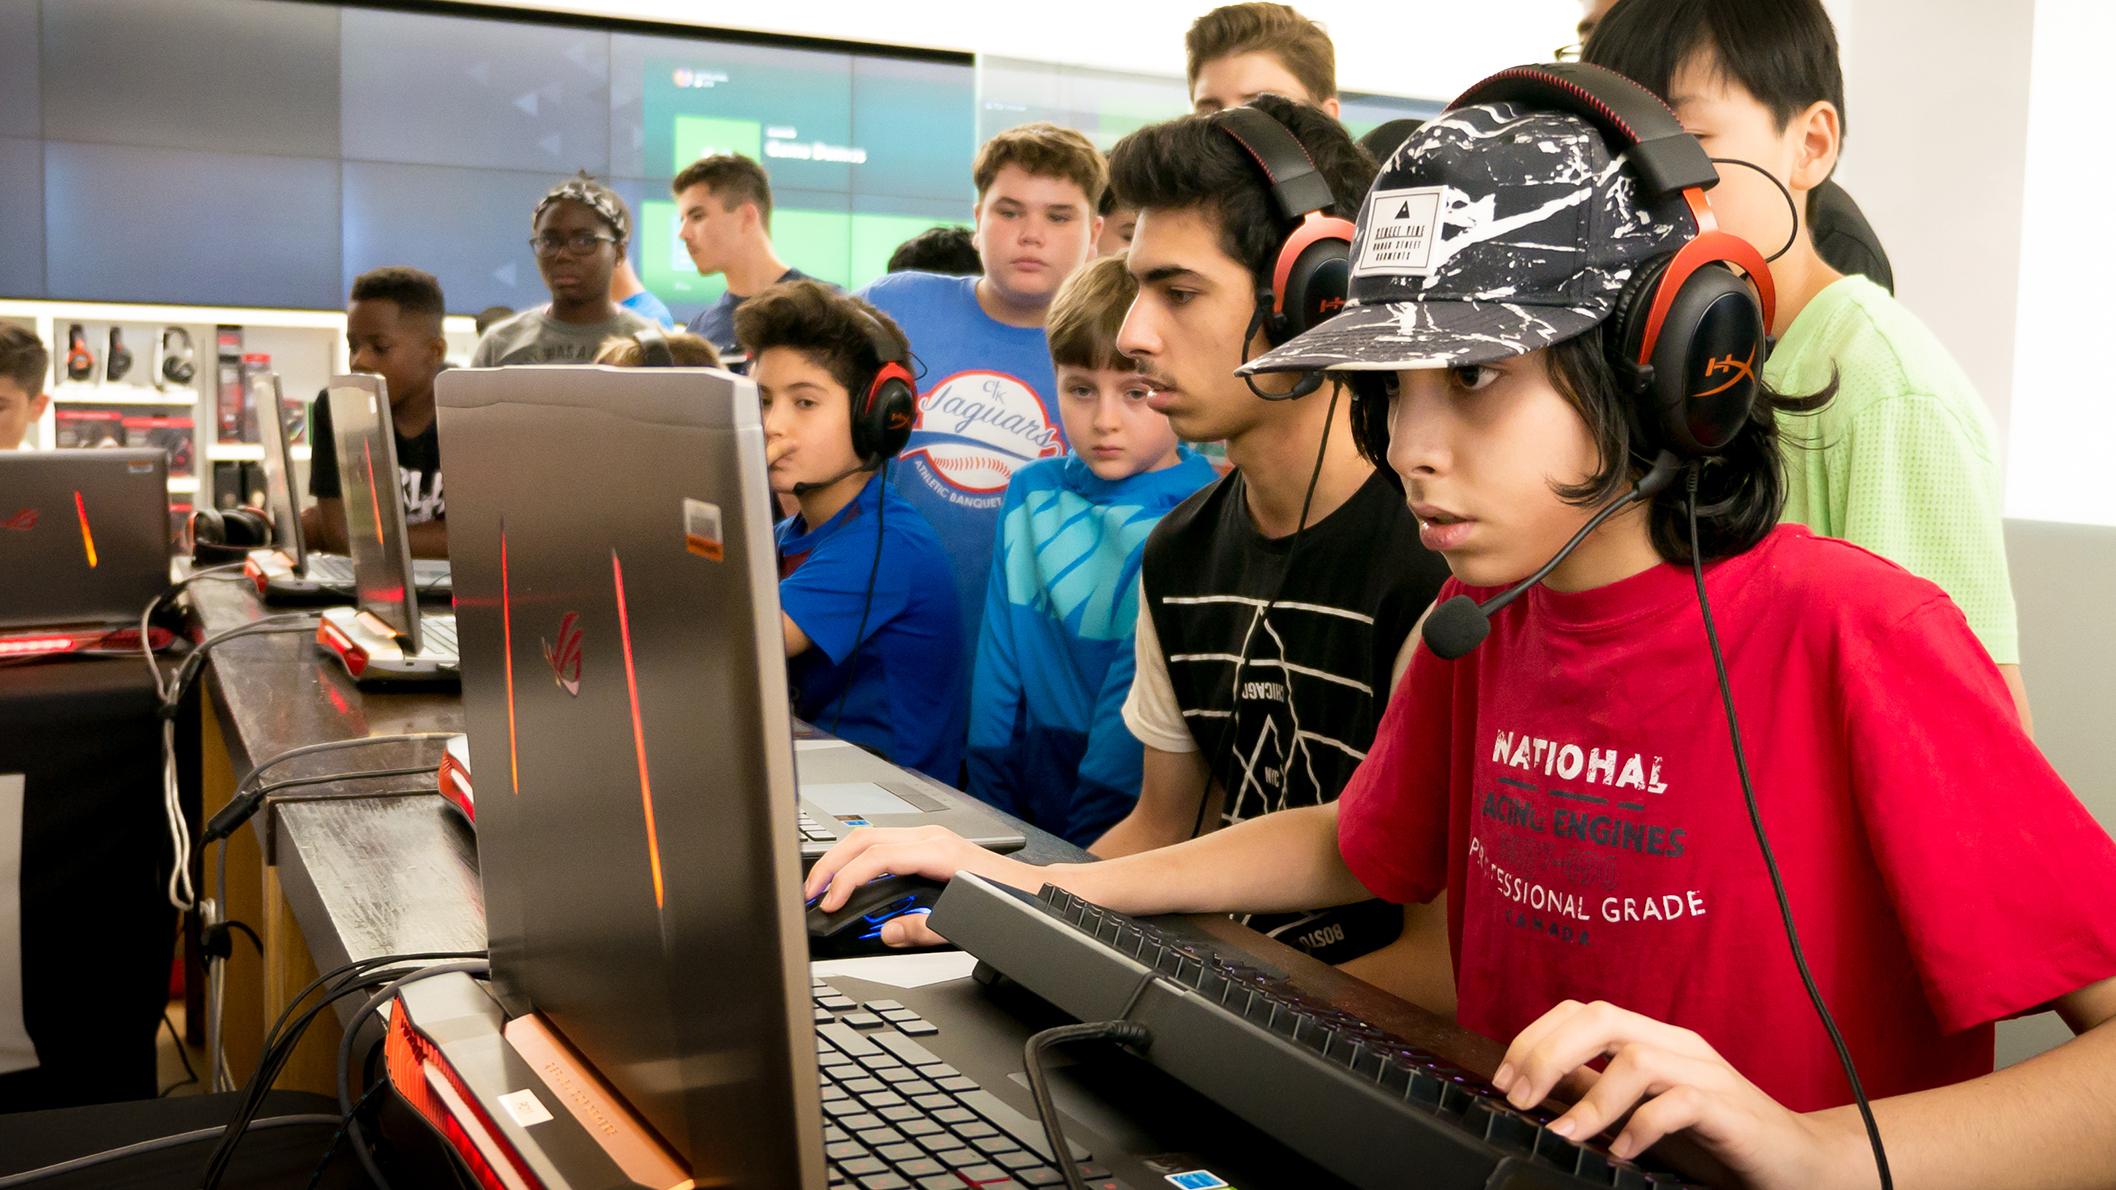 Groupe de garçons jouant ensemble dans un magasin Microsoft.